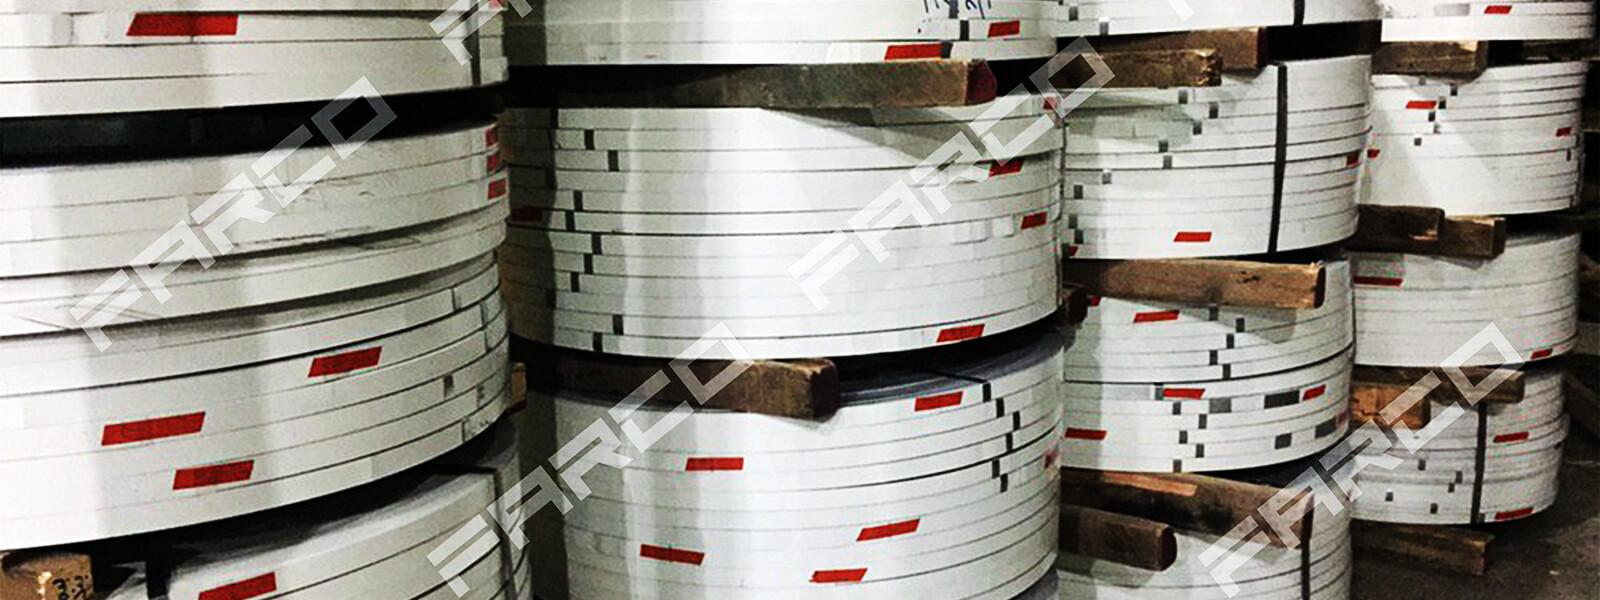 خدمات برش رول به رول ورق فلزات و برش تسمه در فارکو | Farco